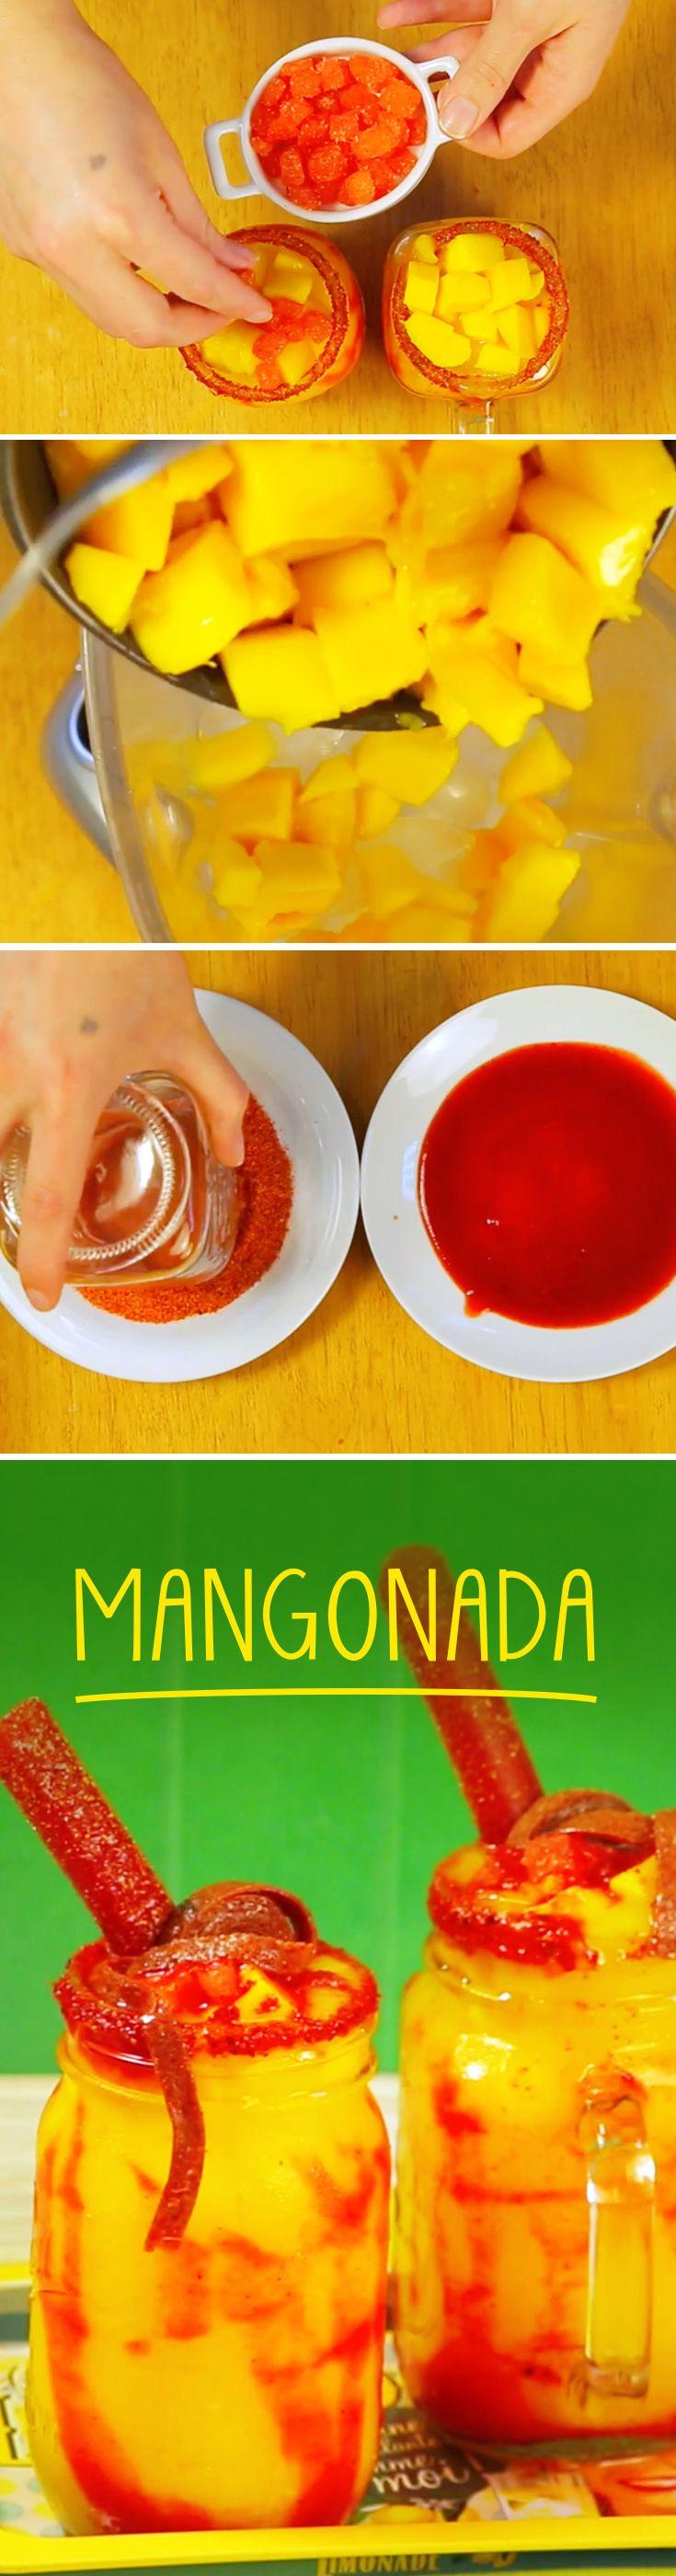 Frappé de mango con chamoy picosito para disfrutar una tarde de verano o en una reunión con tus amigos. Este cocktail sin alcohol es ideal para servir a niños en casa.